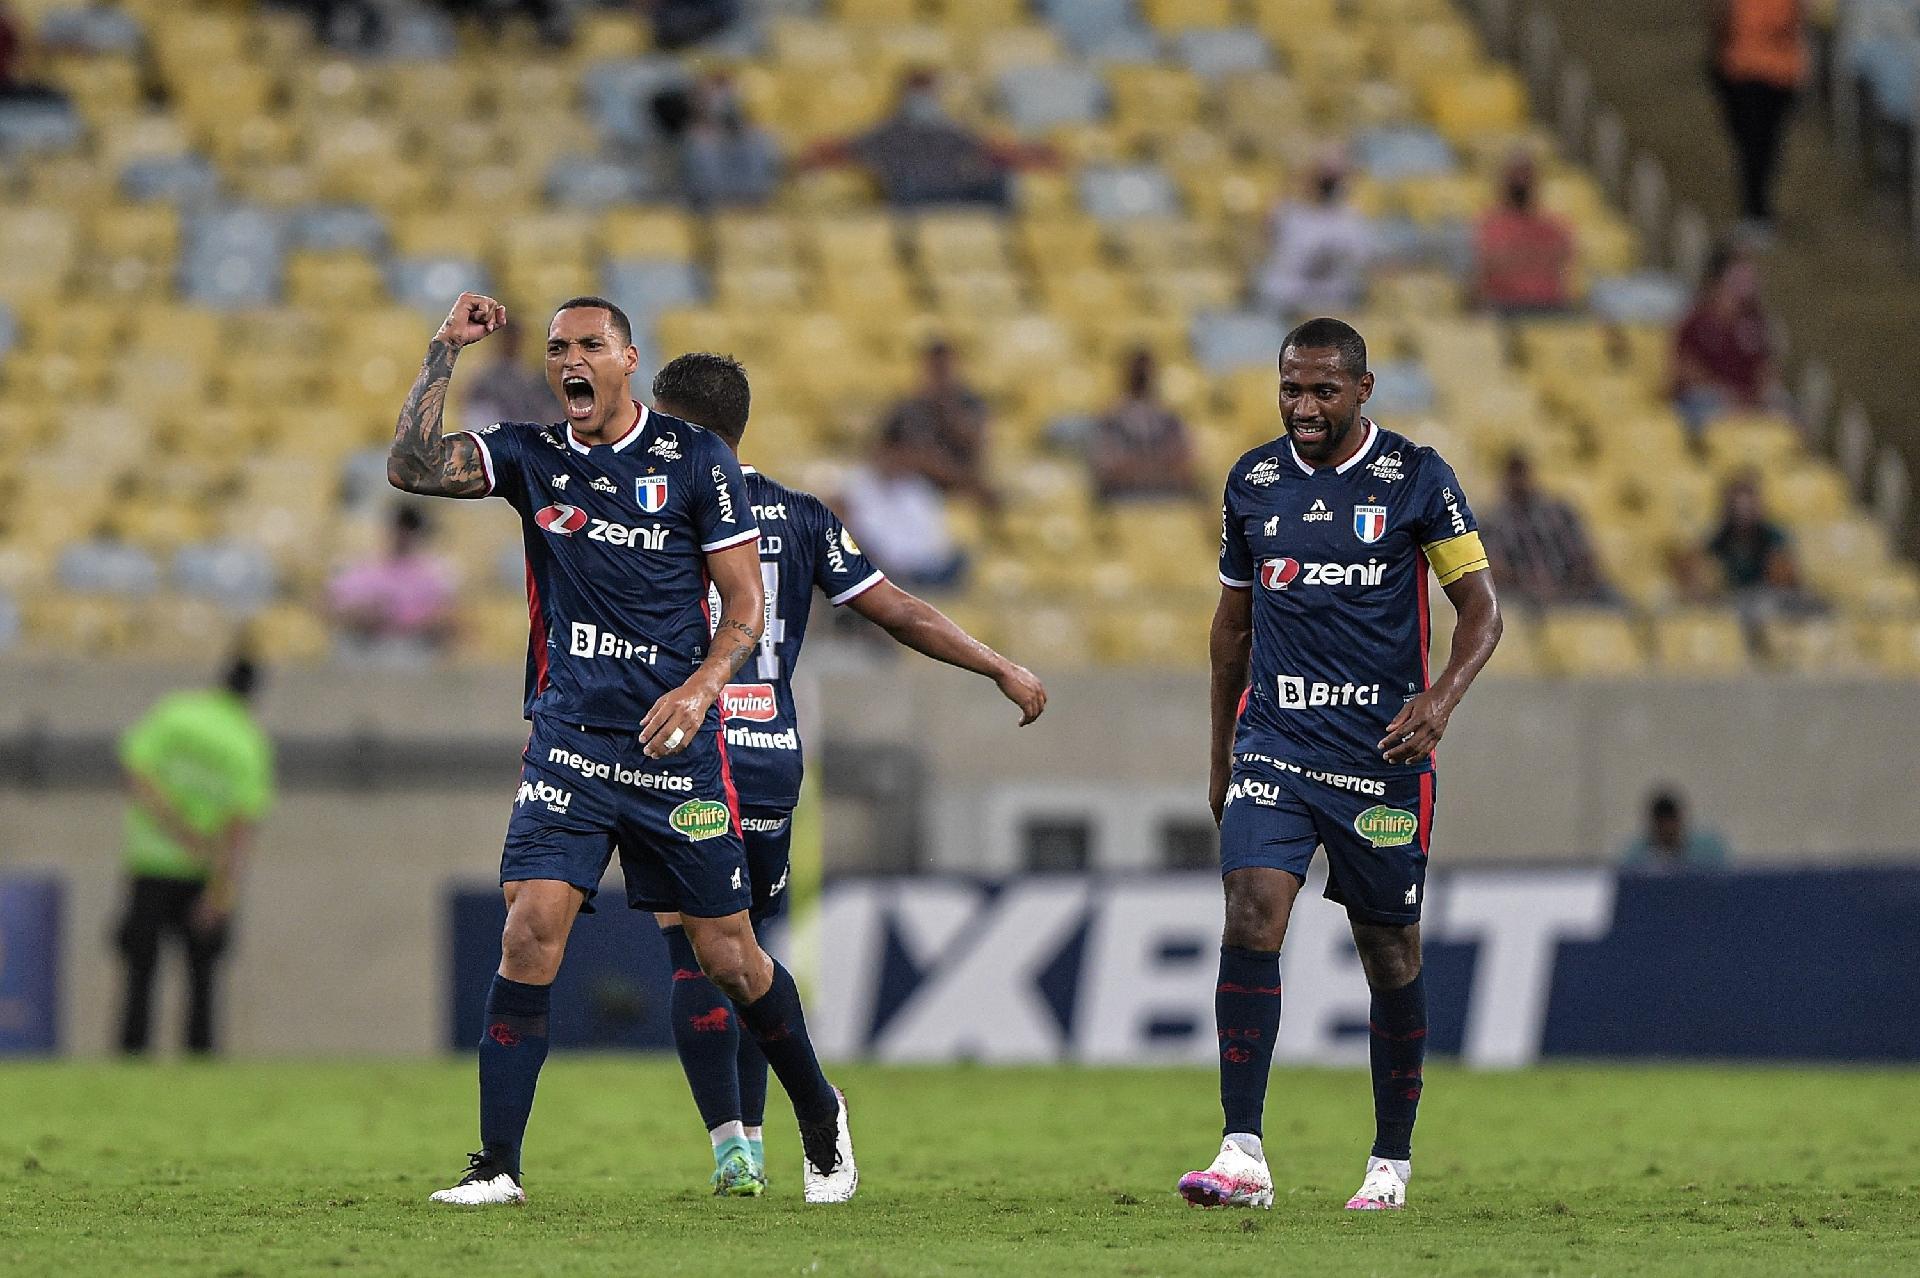 Titi marcou o segundo gol do Fortaleza na partida contra Fluminense, no Maracanã